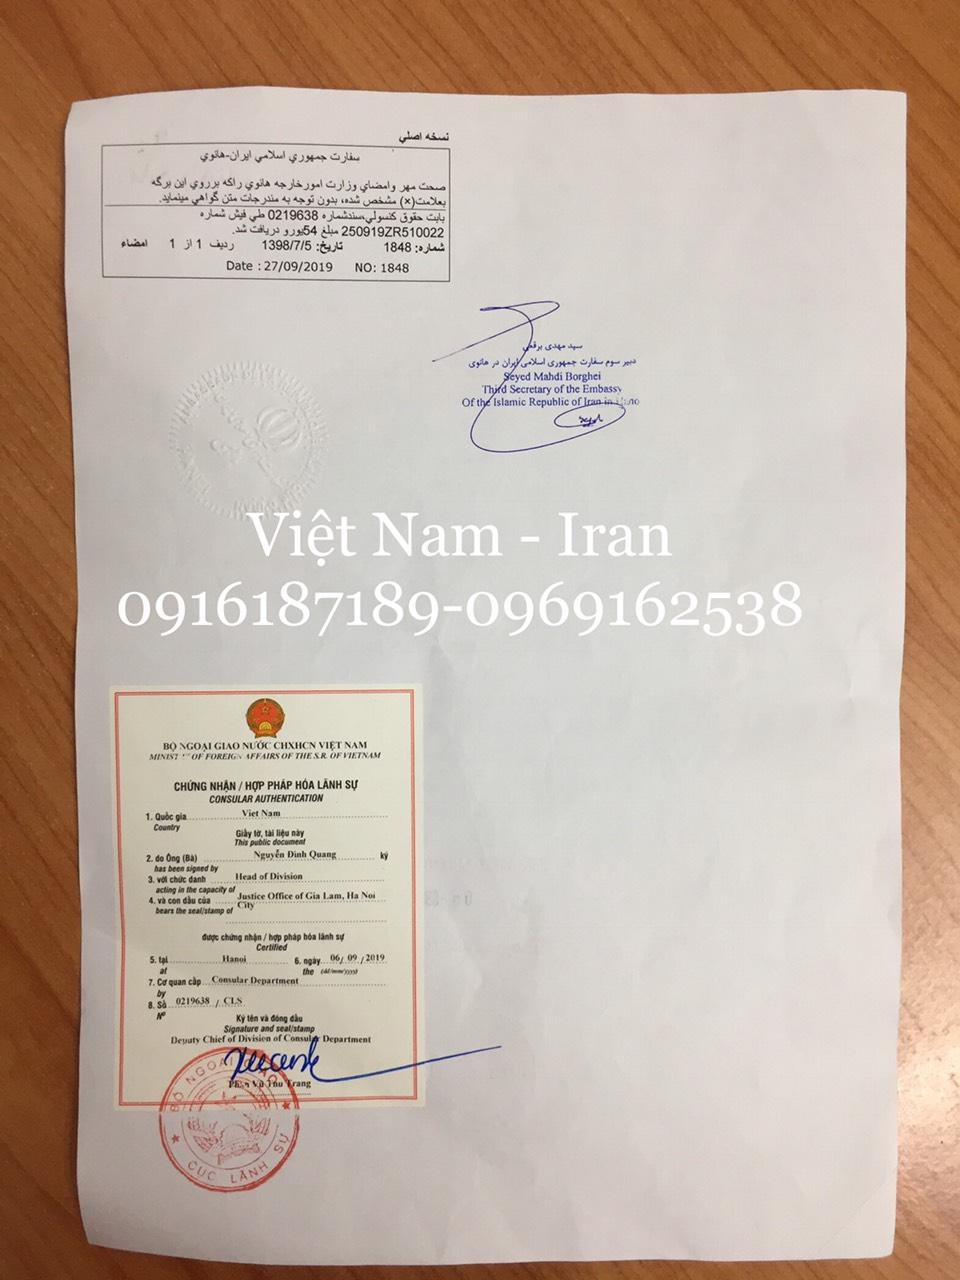 Dịch vụ chứng nhận hợp pháp hóa lãnh sự bởi Chúc Vinh Quý